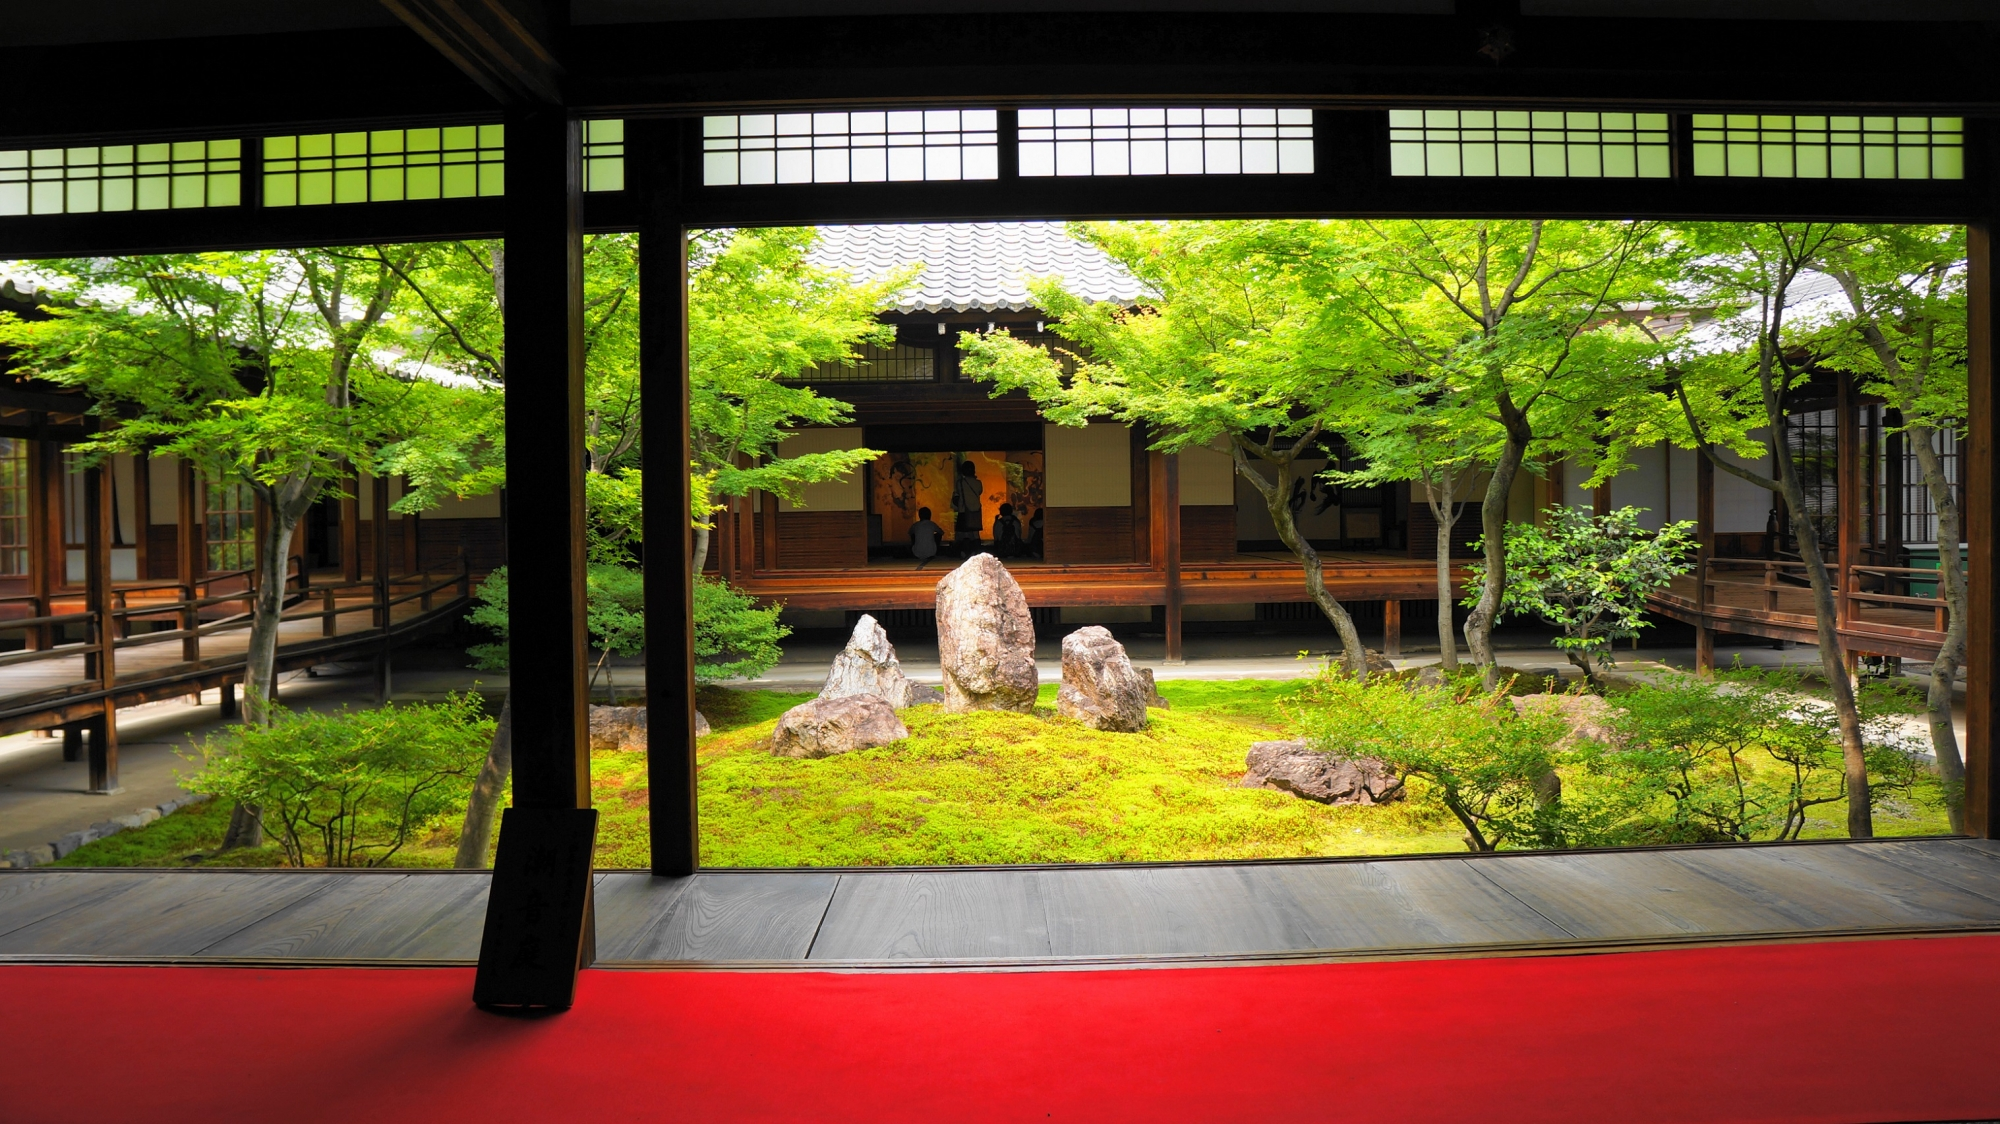 建仁寺の新緑と苔の潮音庭(ちょうおんてい)